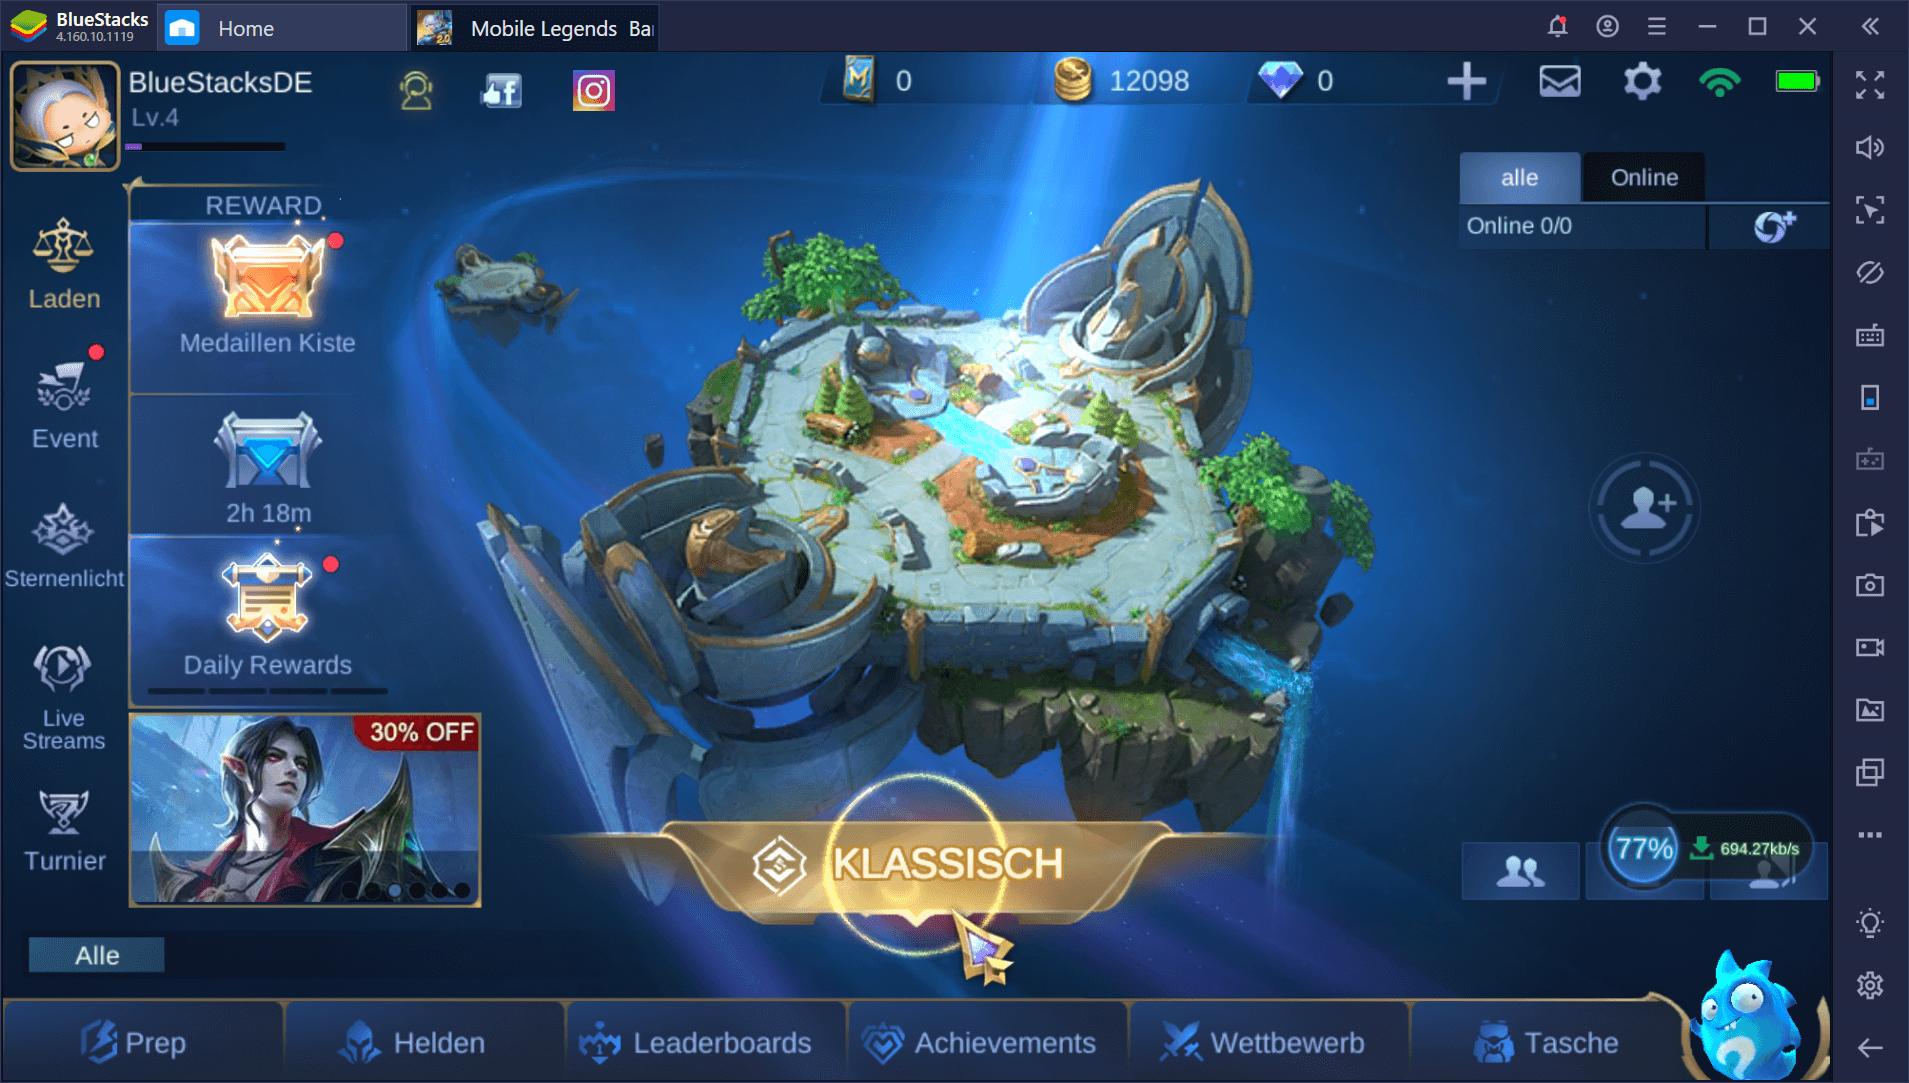 Mobile Legends: Bang Bang Anfänger-Guide